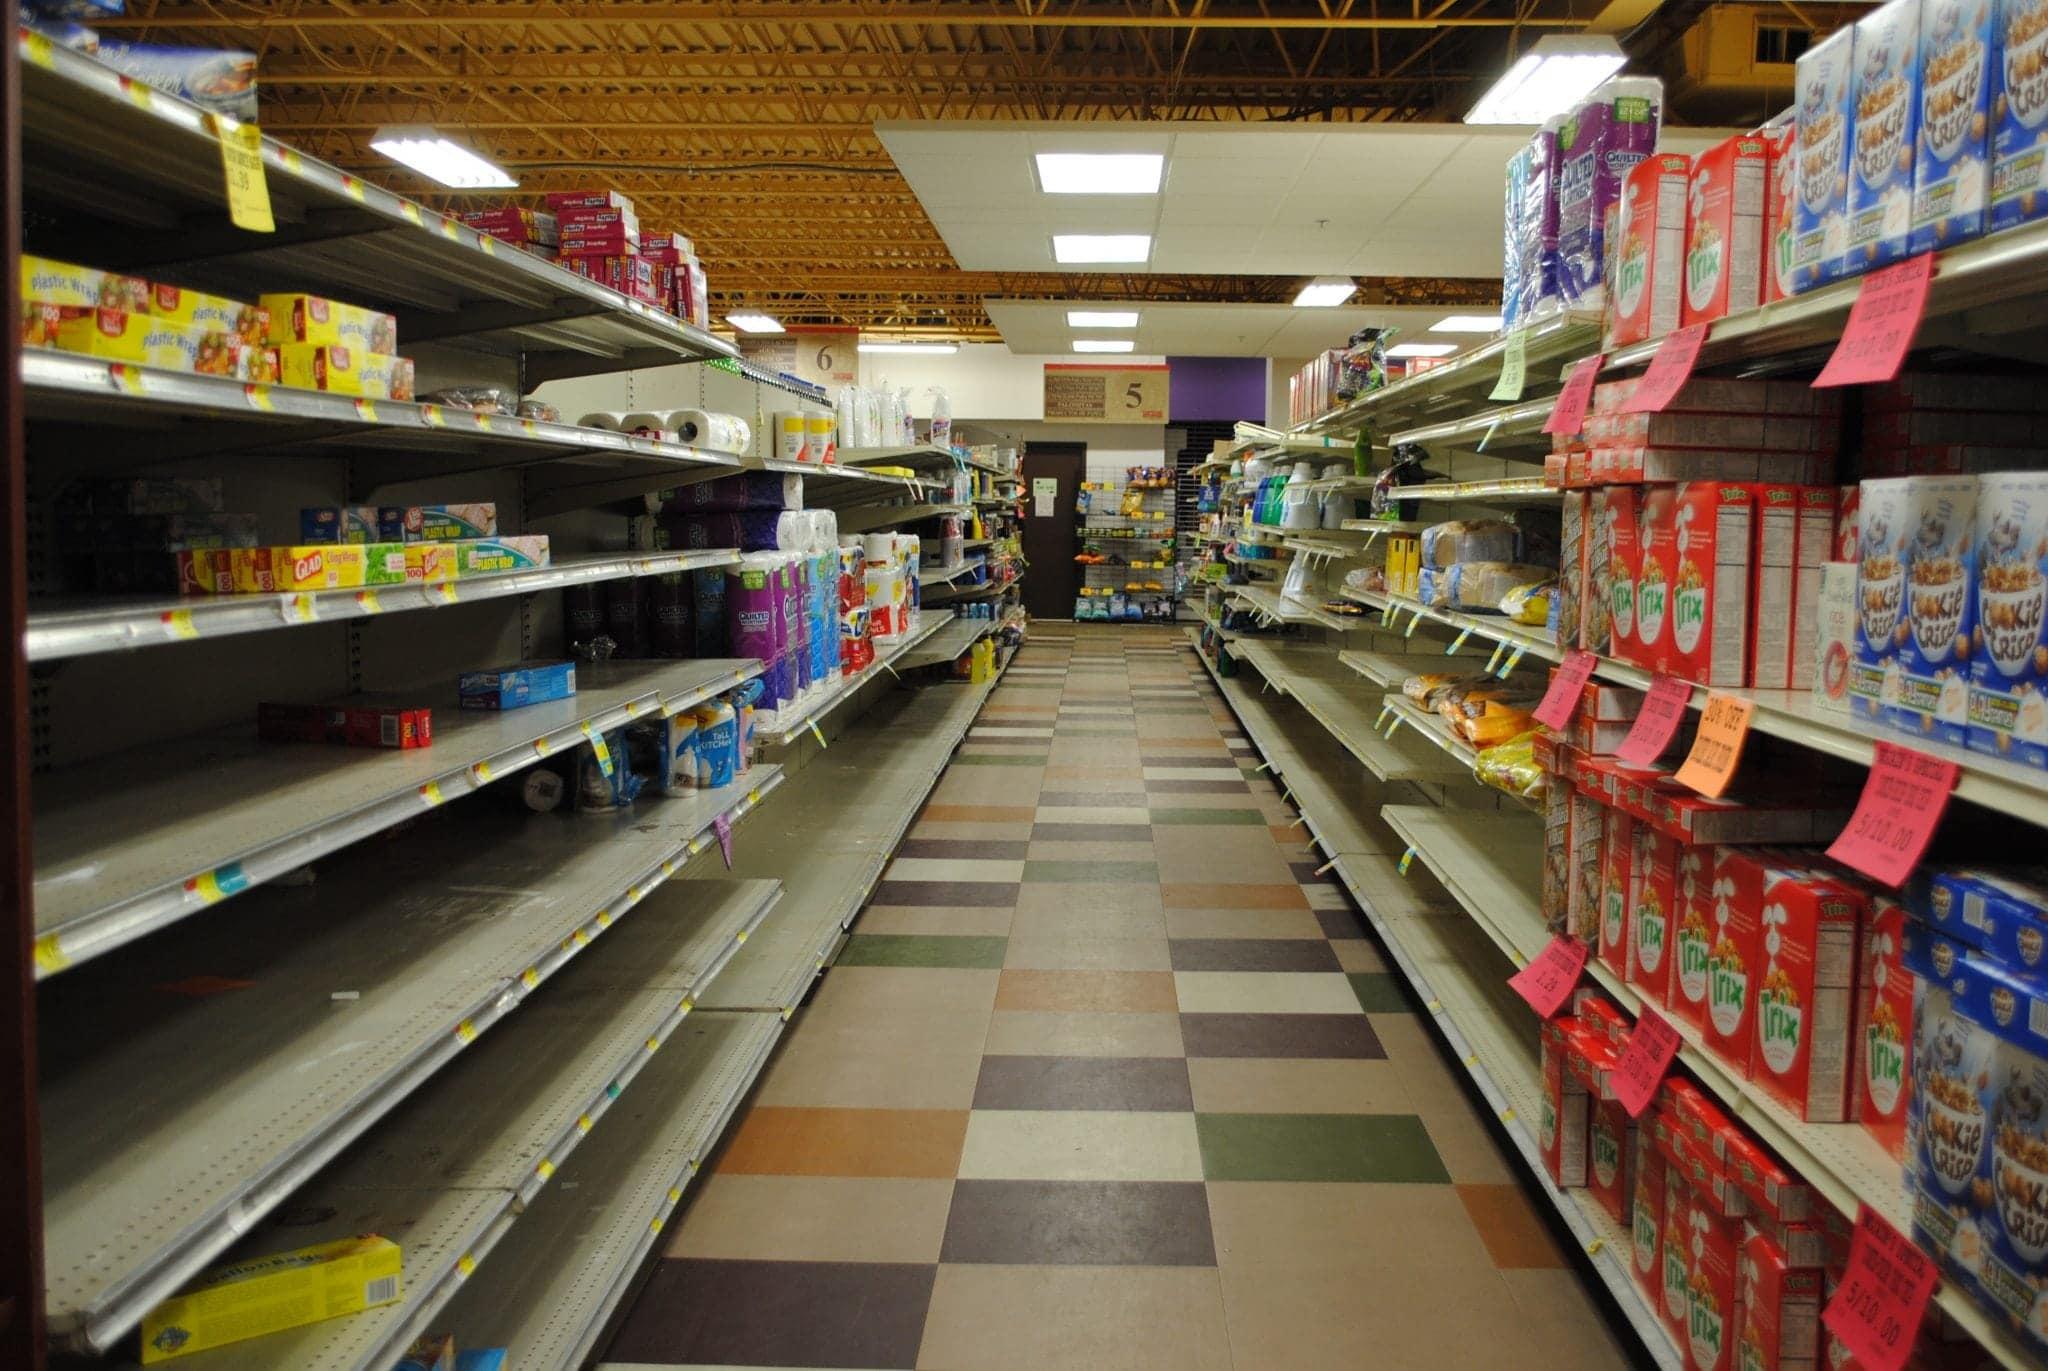 Shelves at Nojaims